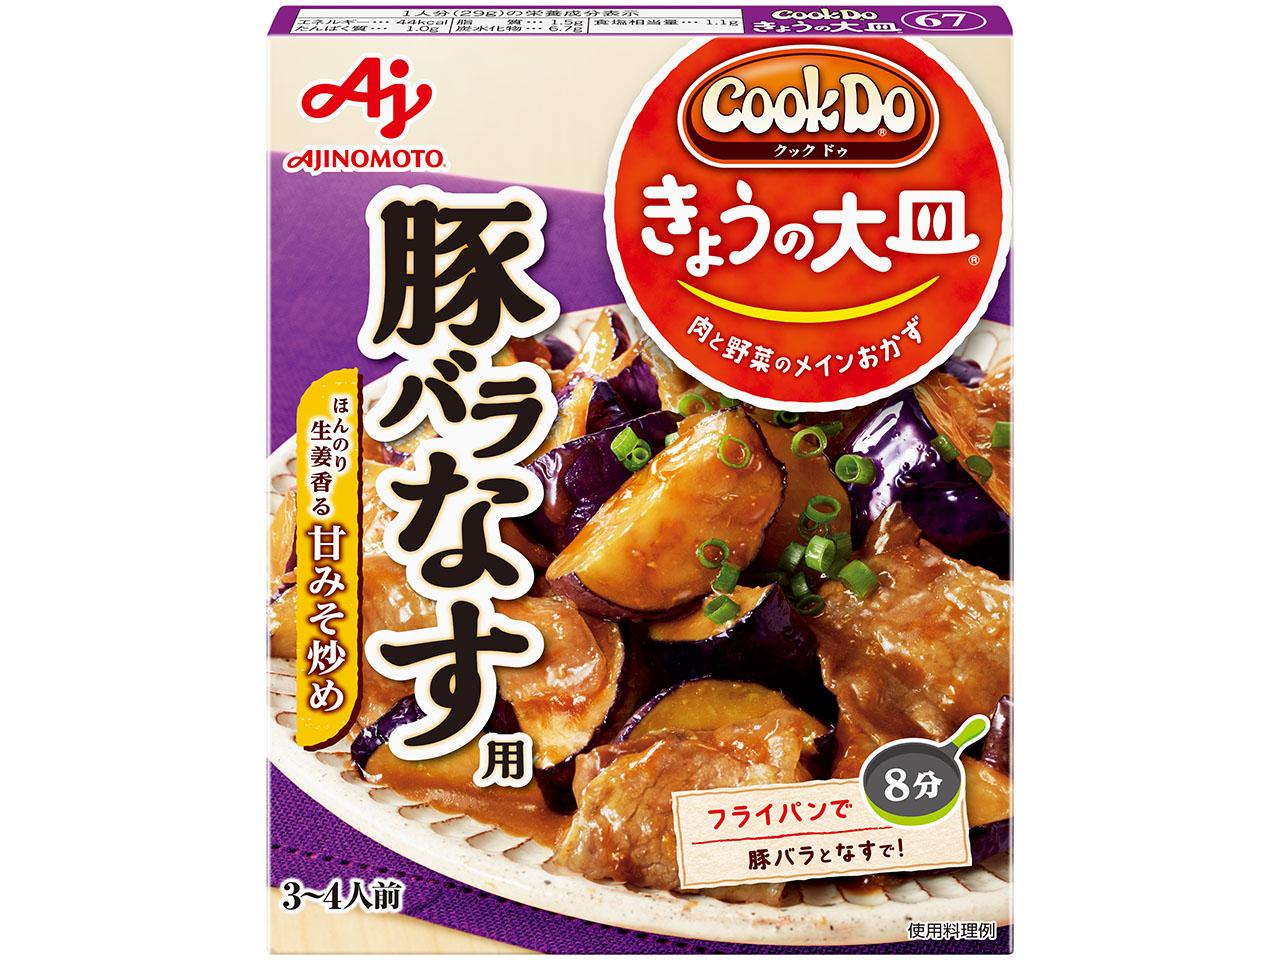 「Cook Doきょうの大皿」豚バラなす用